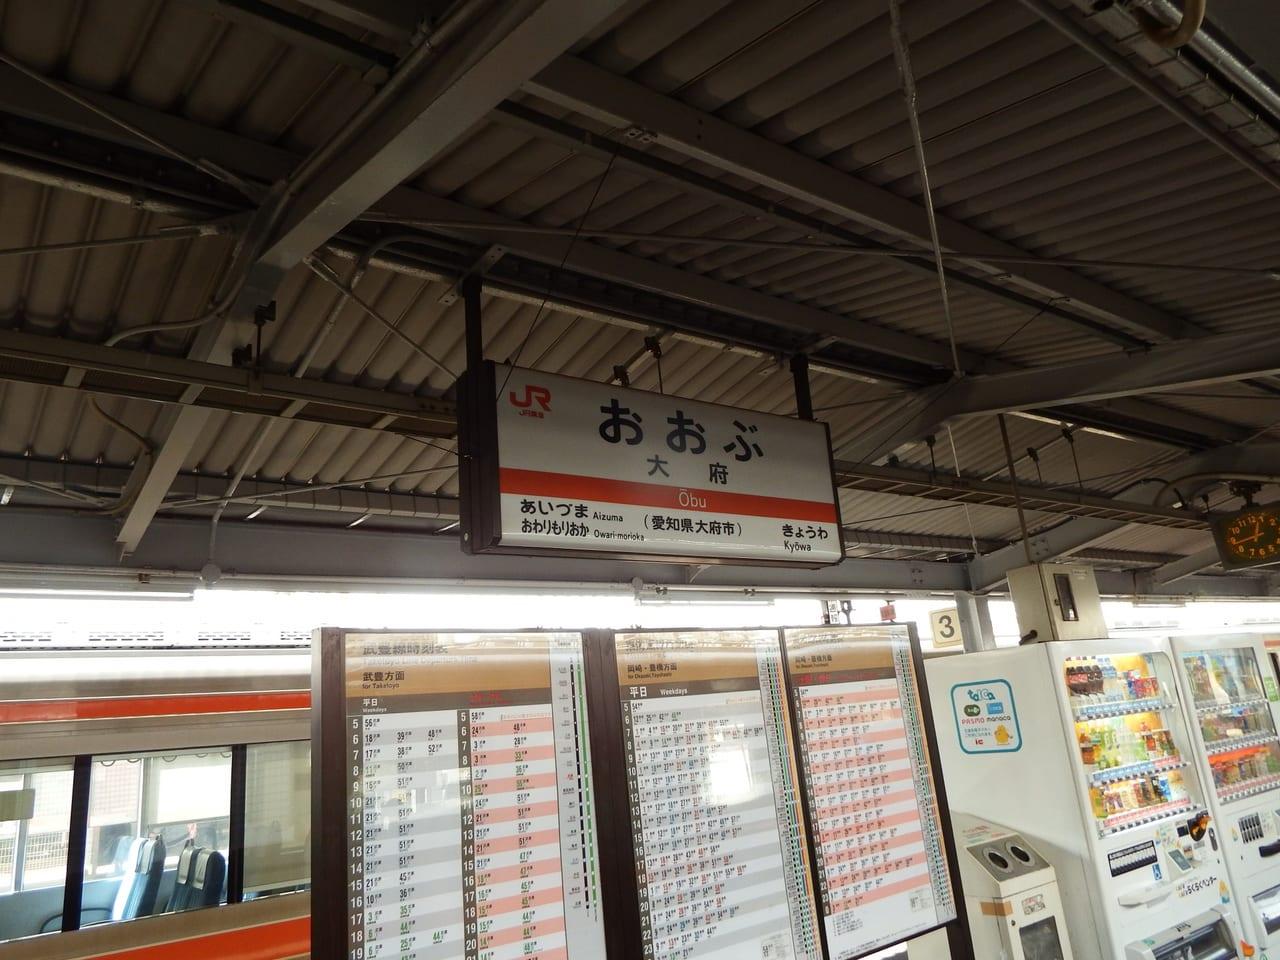 遅延 東海道 線